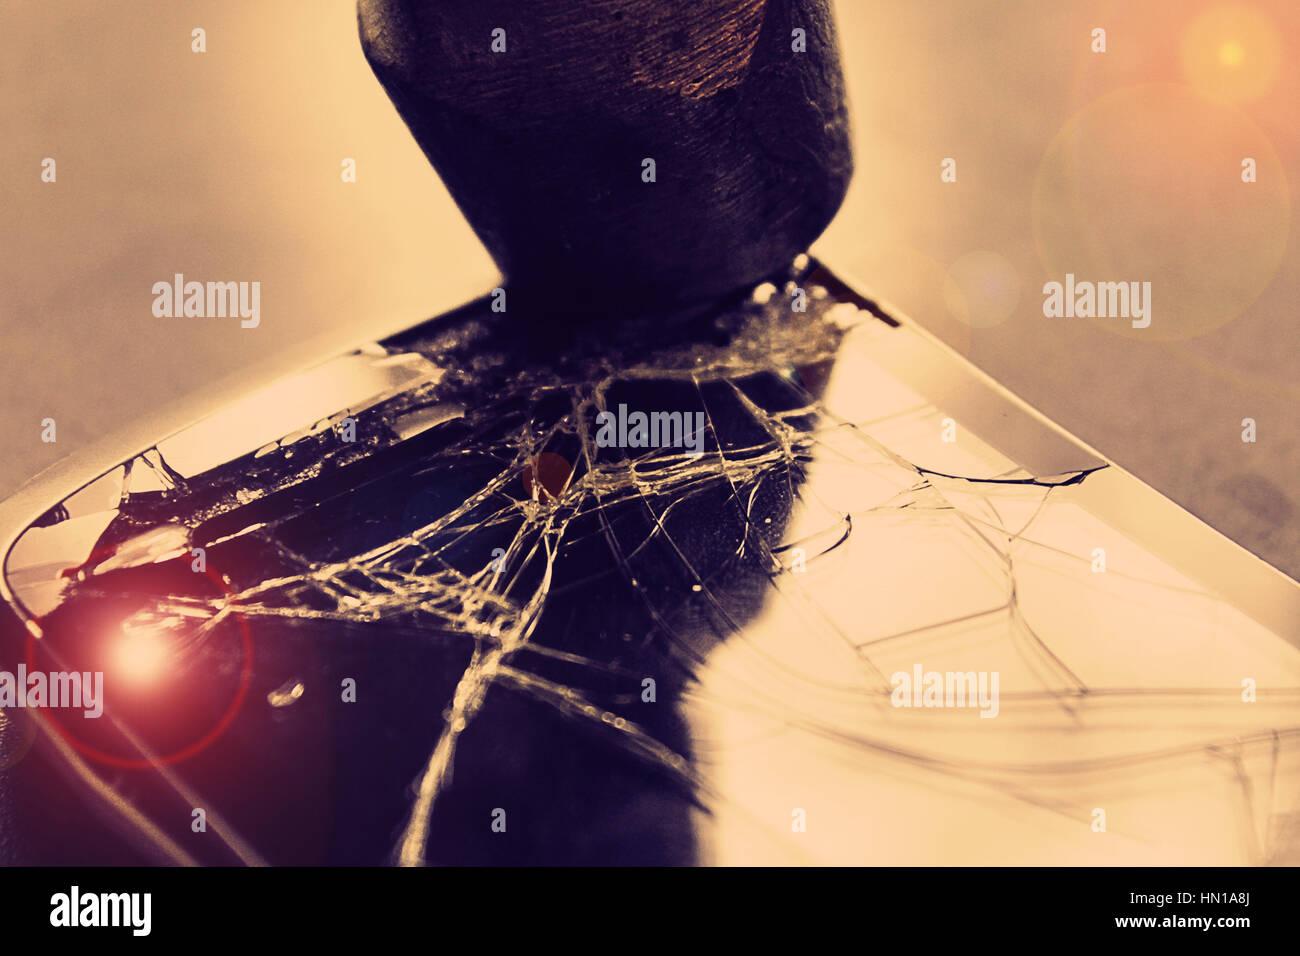 L'écran du téléphone cassé et un marteau sur background,un coup de marteau sur le téléphone Photo Stock